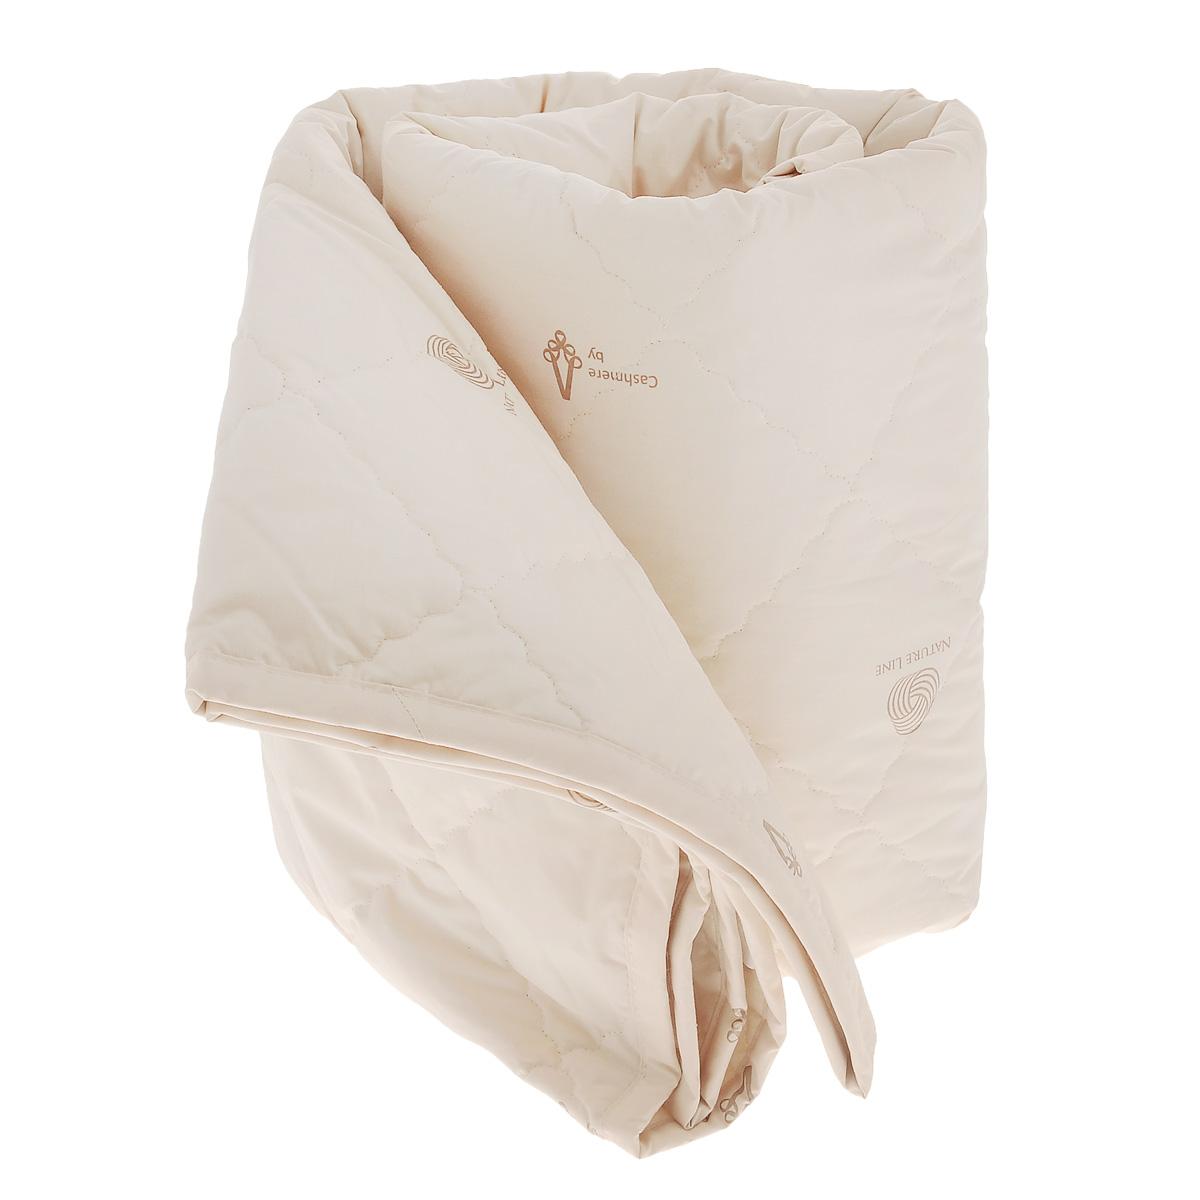 Одеяло La Prima Кашемир, наполнитель: кашемир, полиэфирное волокно, цвет: светло-бежевый, 170 см х 205 см1084/0224887/15Одеяло La Prima Кашемир очень легкое, воздушное и одновременно теплое. Чехол одеяла выполнен из 100% хлопка. Наполнитель - из натуральной шерсти кашемирской козы. Одеяла с наполнителем из кашемира очень высоко ценят во всем мире. Изделие обладает высокой воздухопроницаемостью, прекрасно сохраняет тепло и снимает статистическое электричество. Оно гипоаллергенно, очень практично и неприхотливо в уходе. Благоприятно воздействует на мышцы и суставы, создавая эффект микромассажа, обеспечивает здоровый и глубокий сон. Ручная стирка при температуре 30°С. Материал чехла: 100% хлопок. Наполнитель: кашемир, полиэфирное волокно. Размер: 170 см х 205 см.